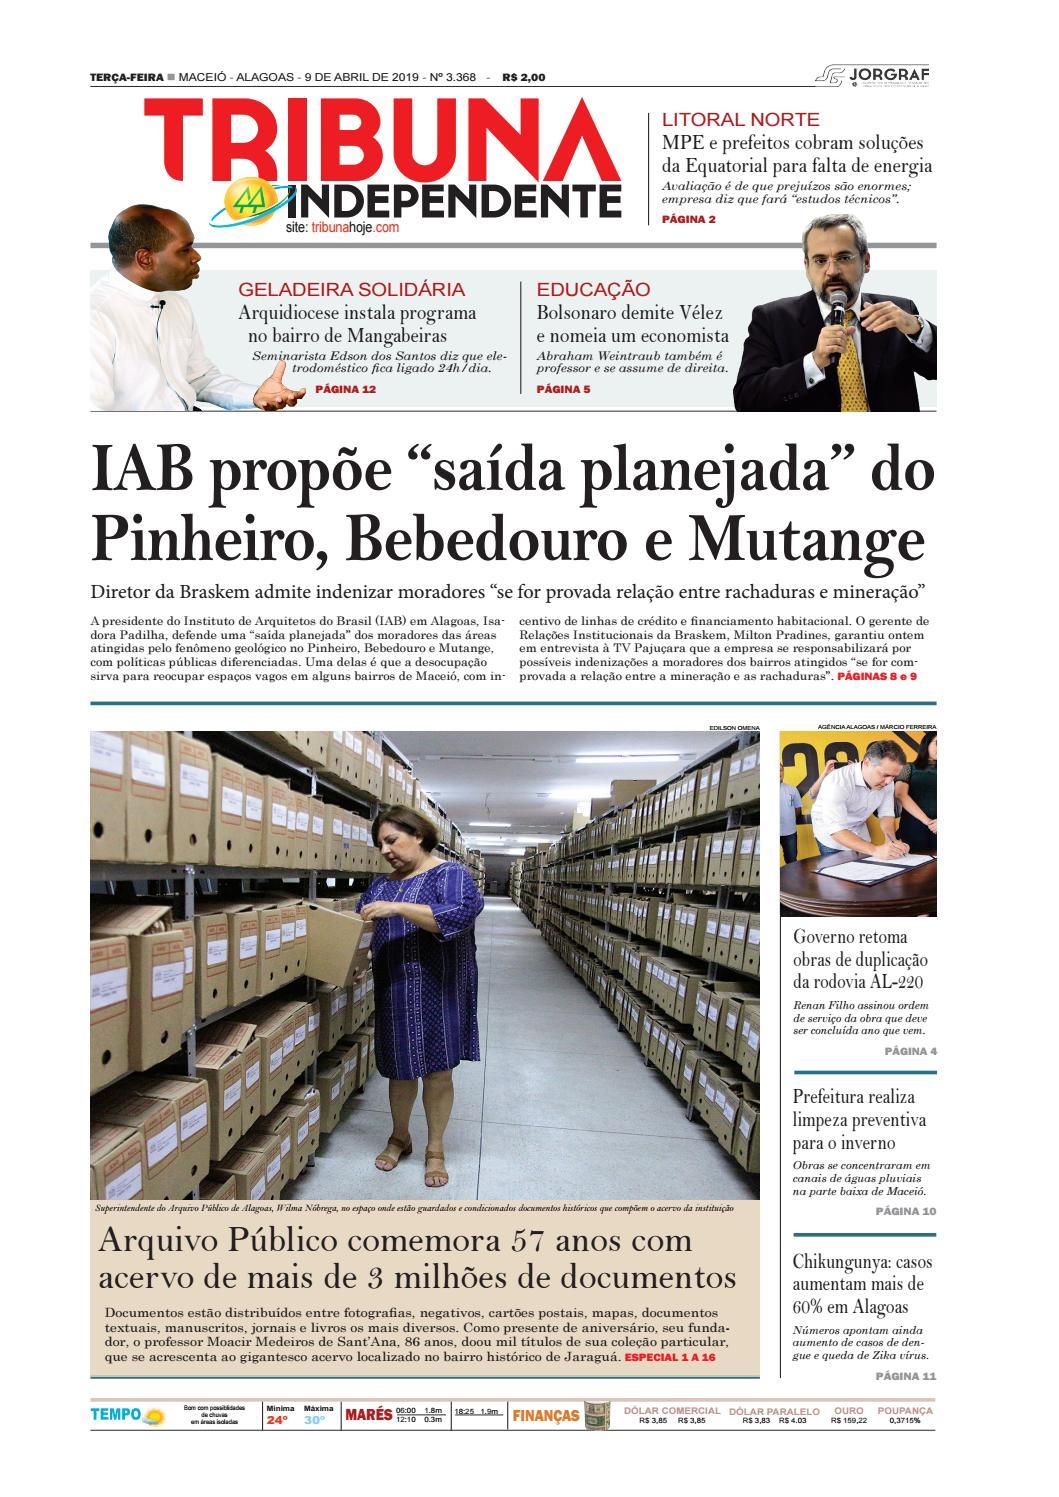 1227c176132c6 Edição número 3368 - 9 de abril de 2019 by Tribuna Hoje - issuu